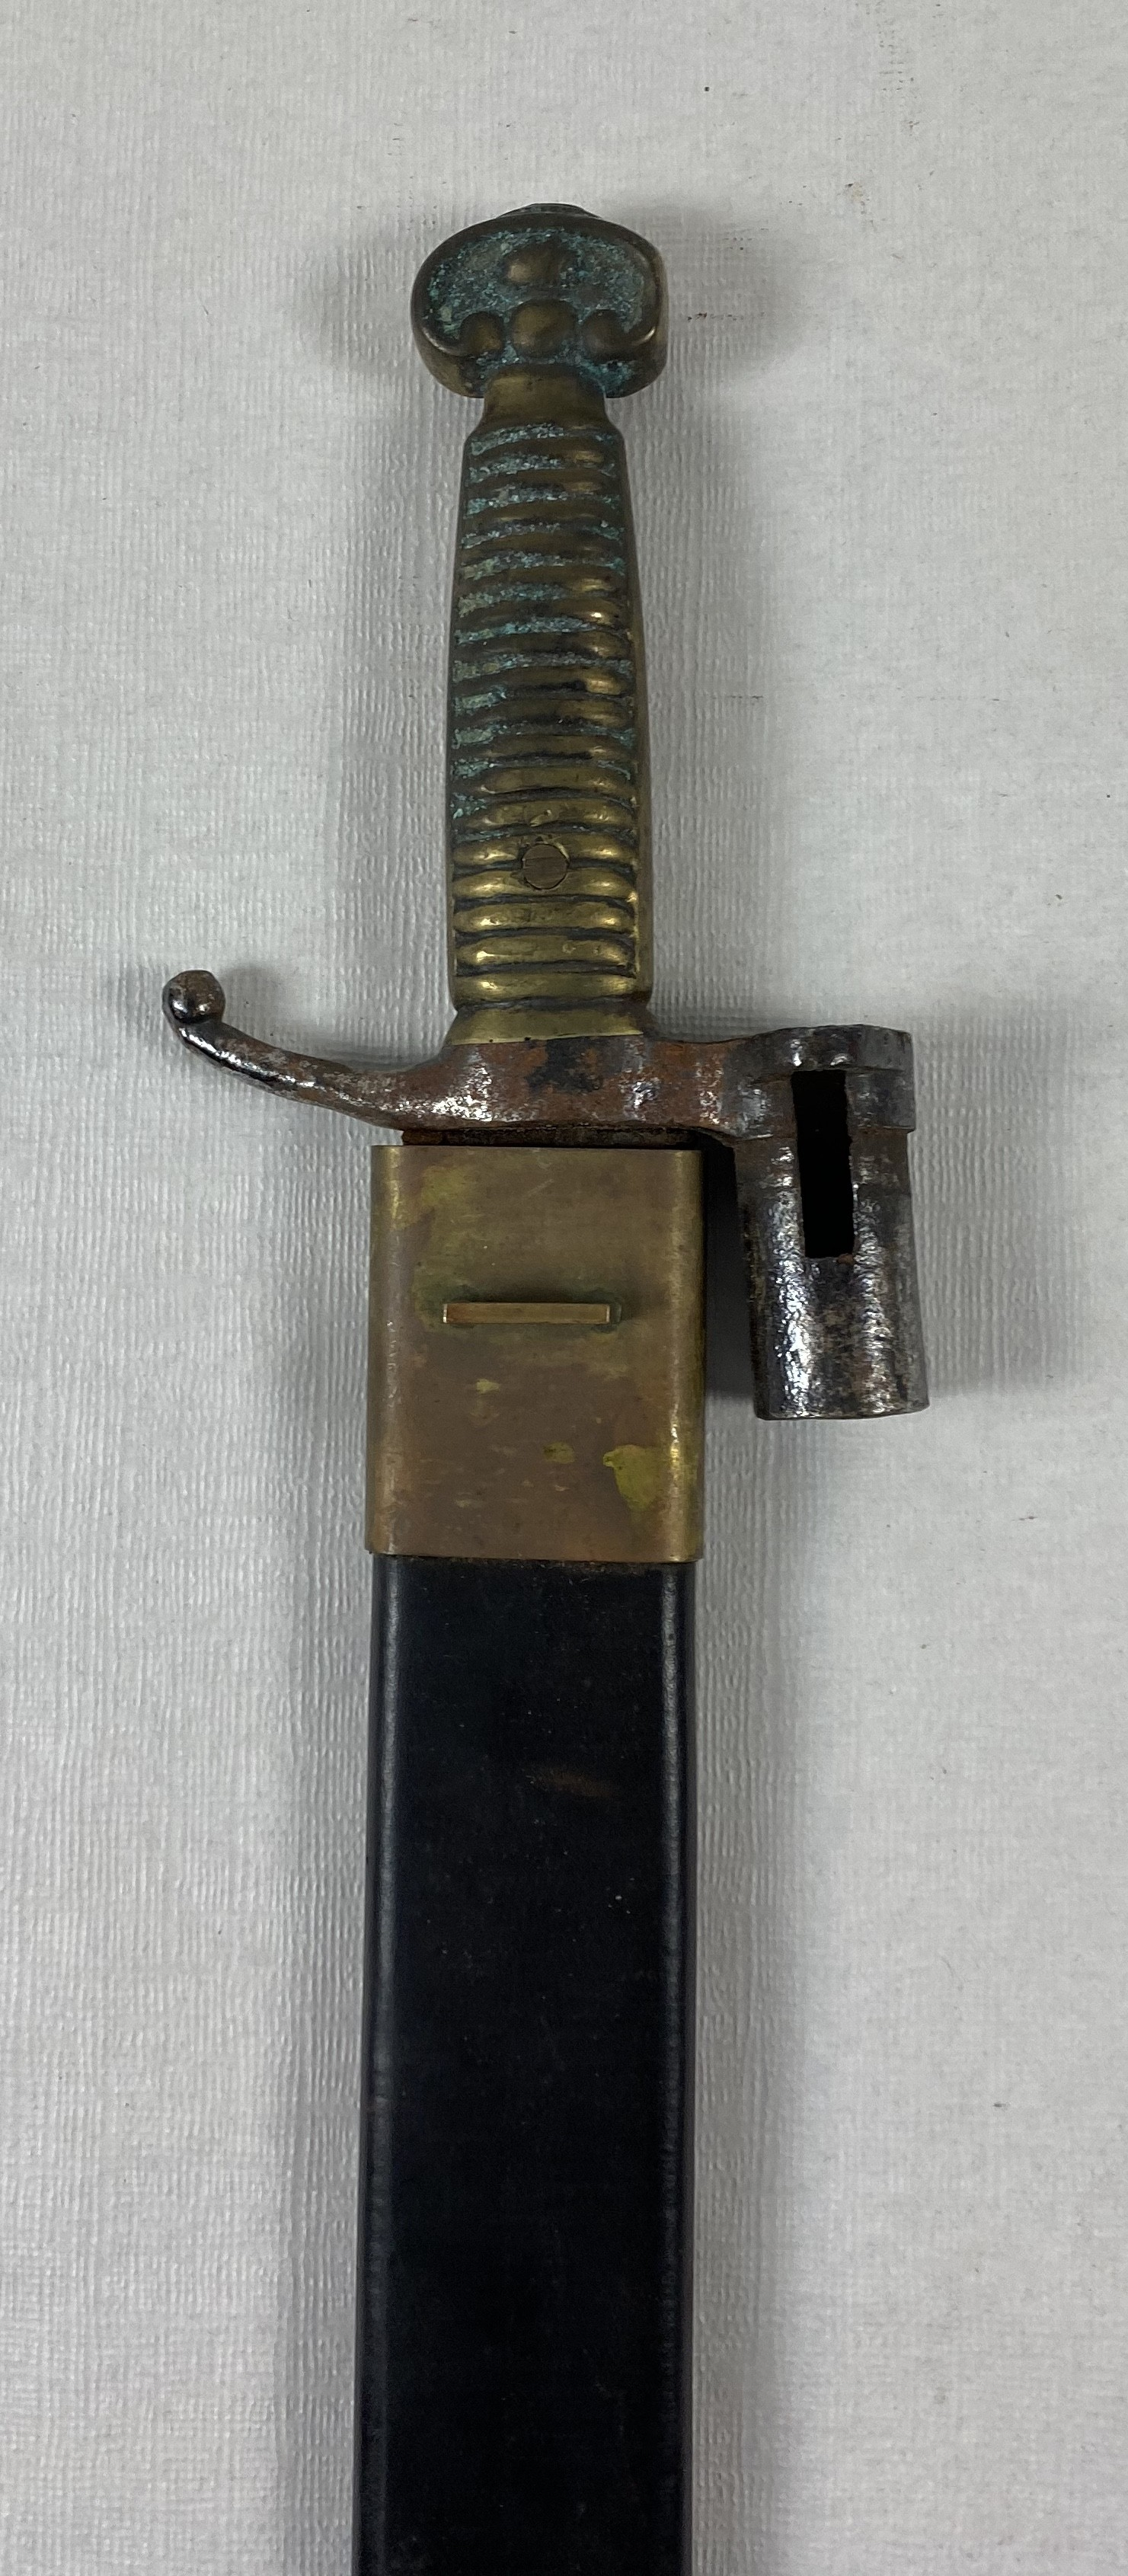 BES-MACHETE 1858 BAYONETA ARTILLERÍA